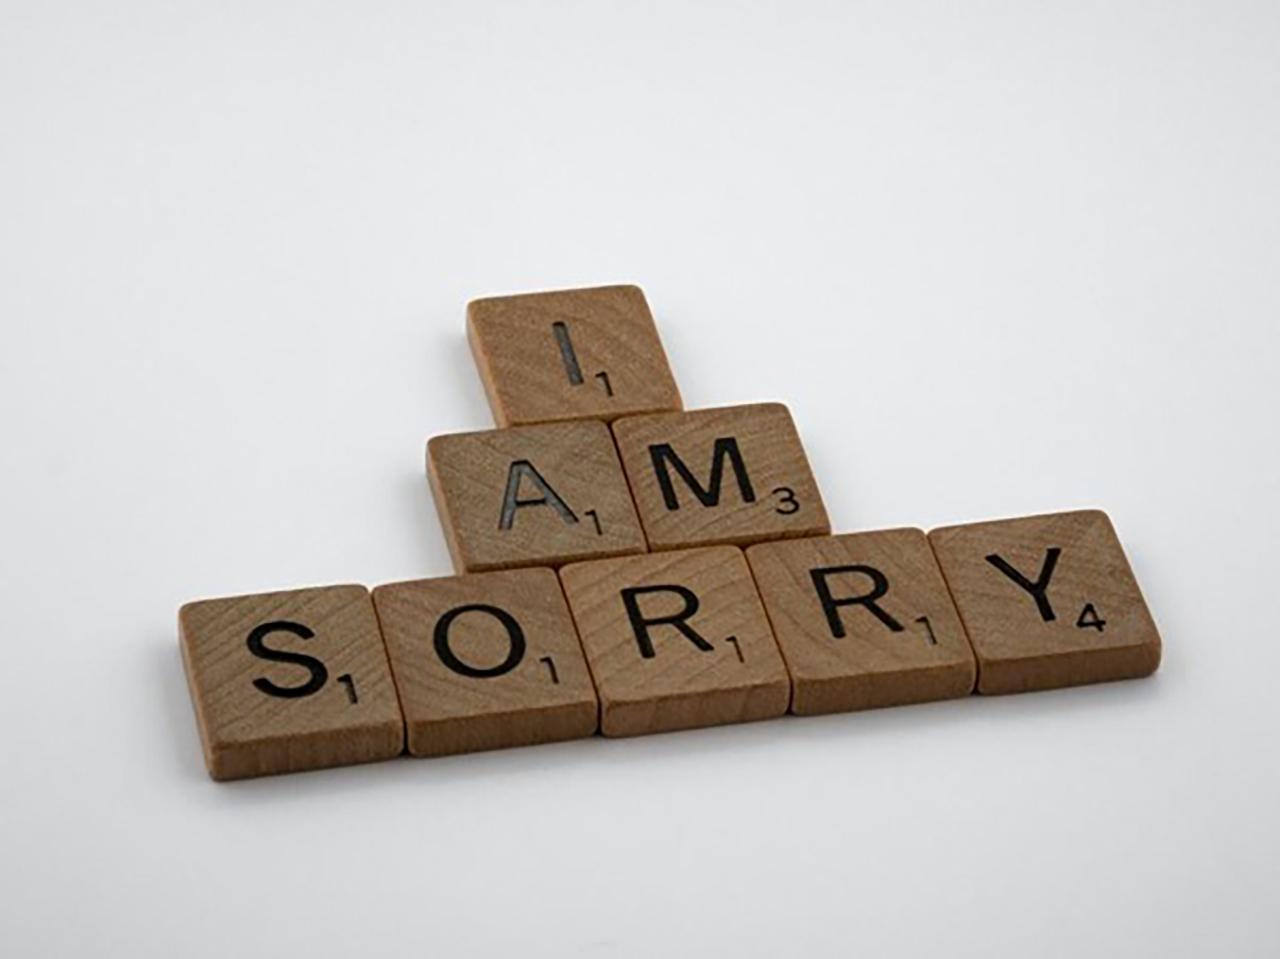 ちゃんと謝ることができる